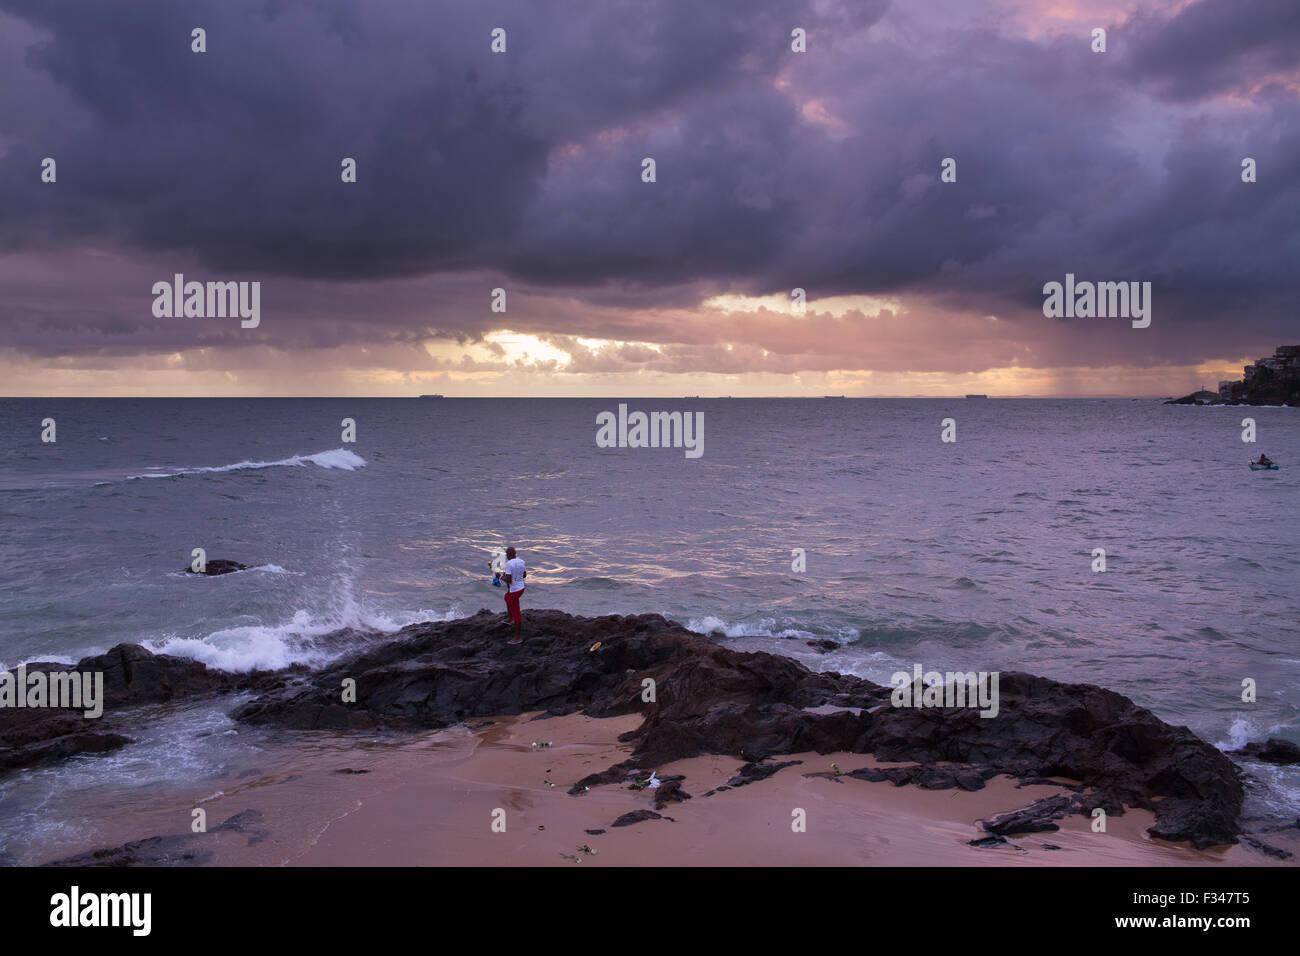 Schlemmen Sie de Yemanja, Salvador da Bahia, Brasilien Stockbild